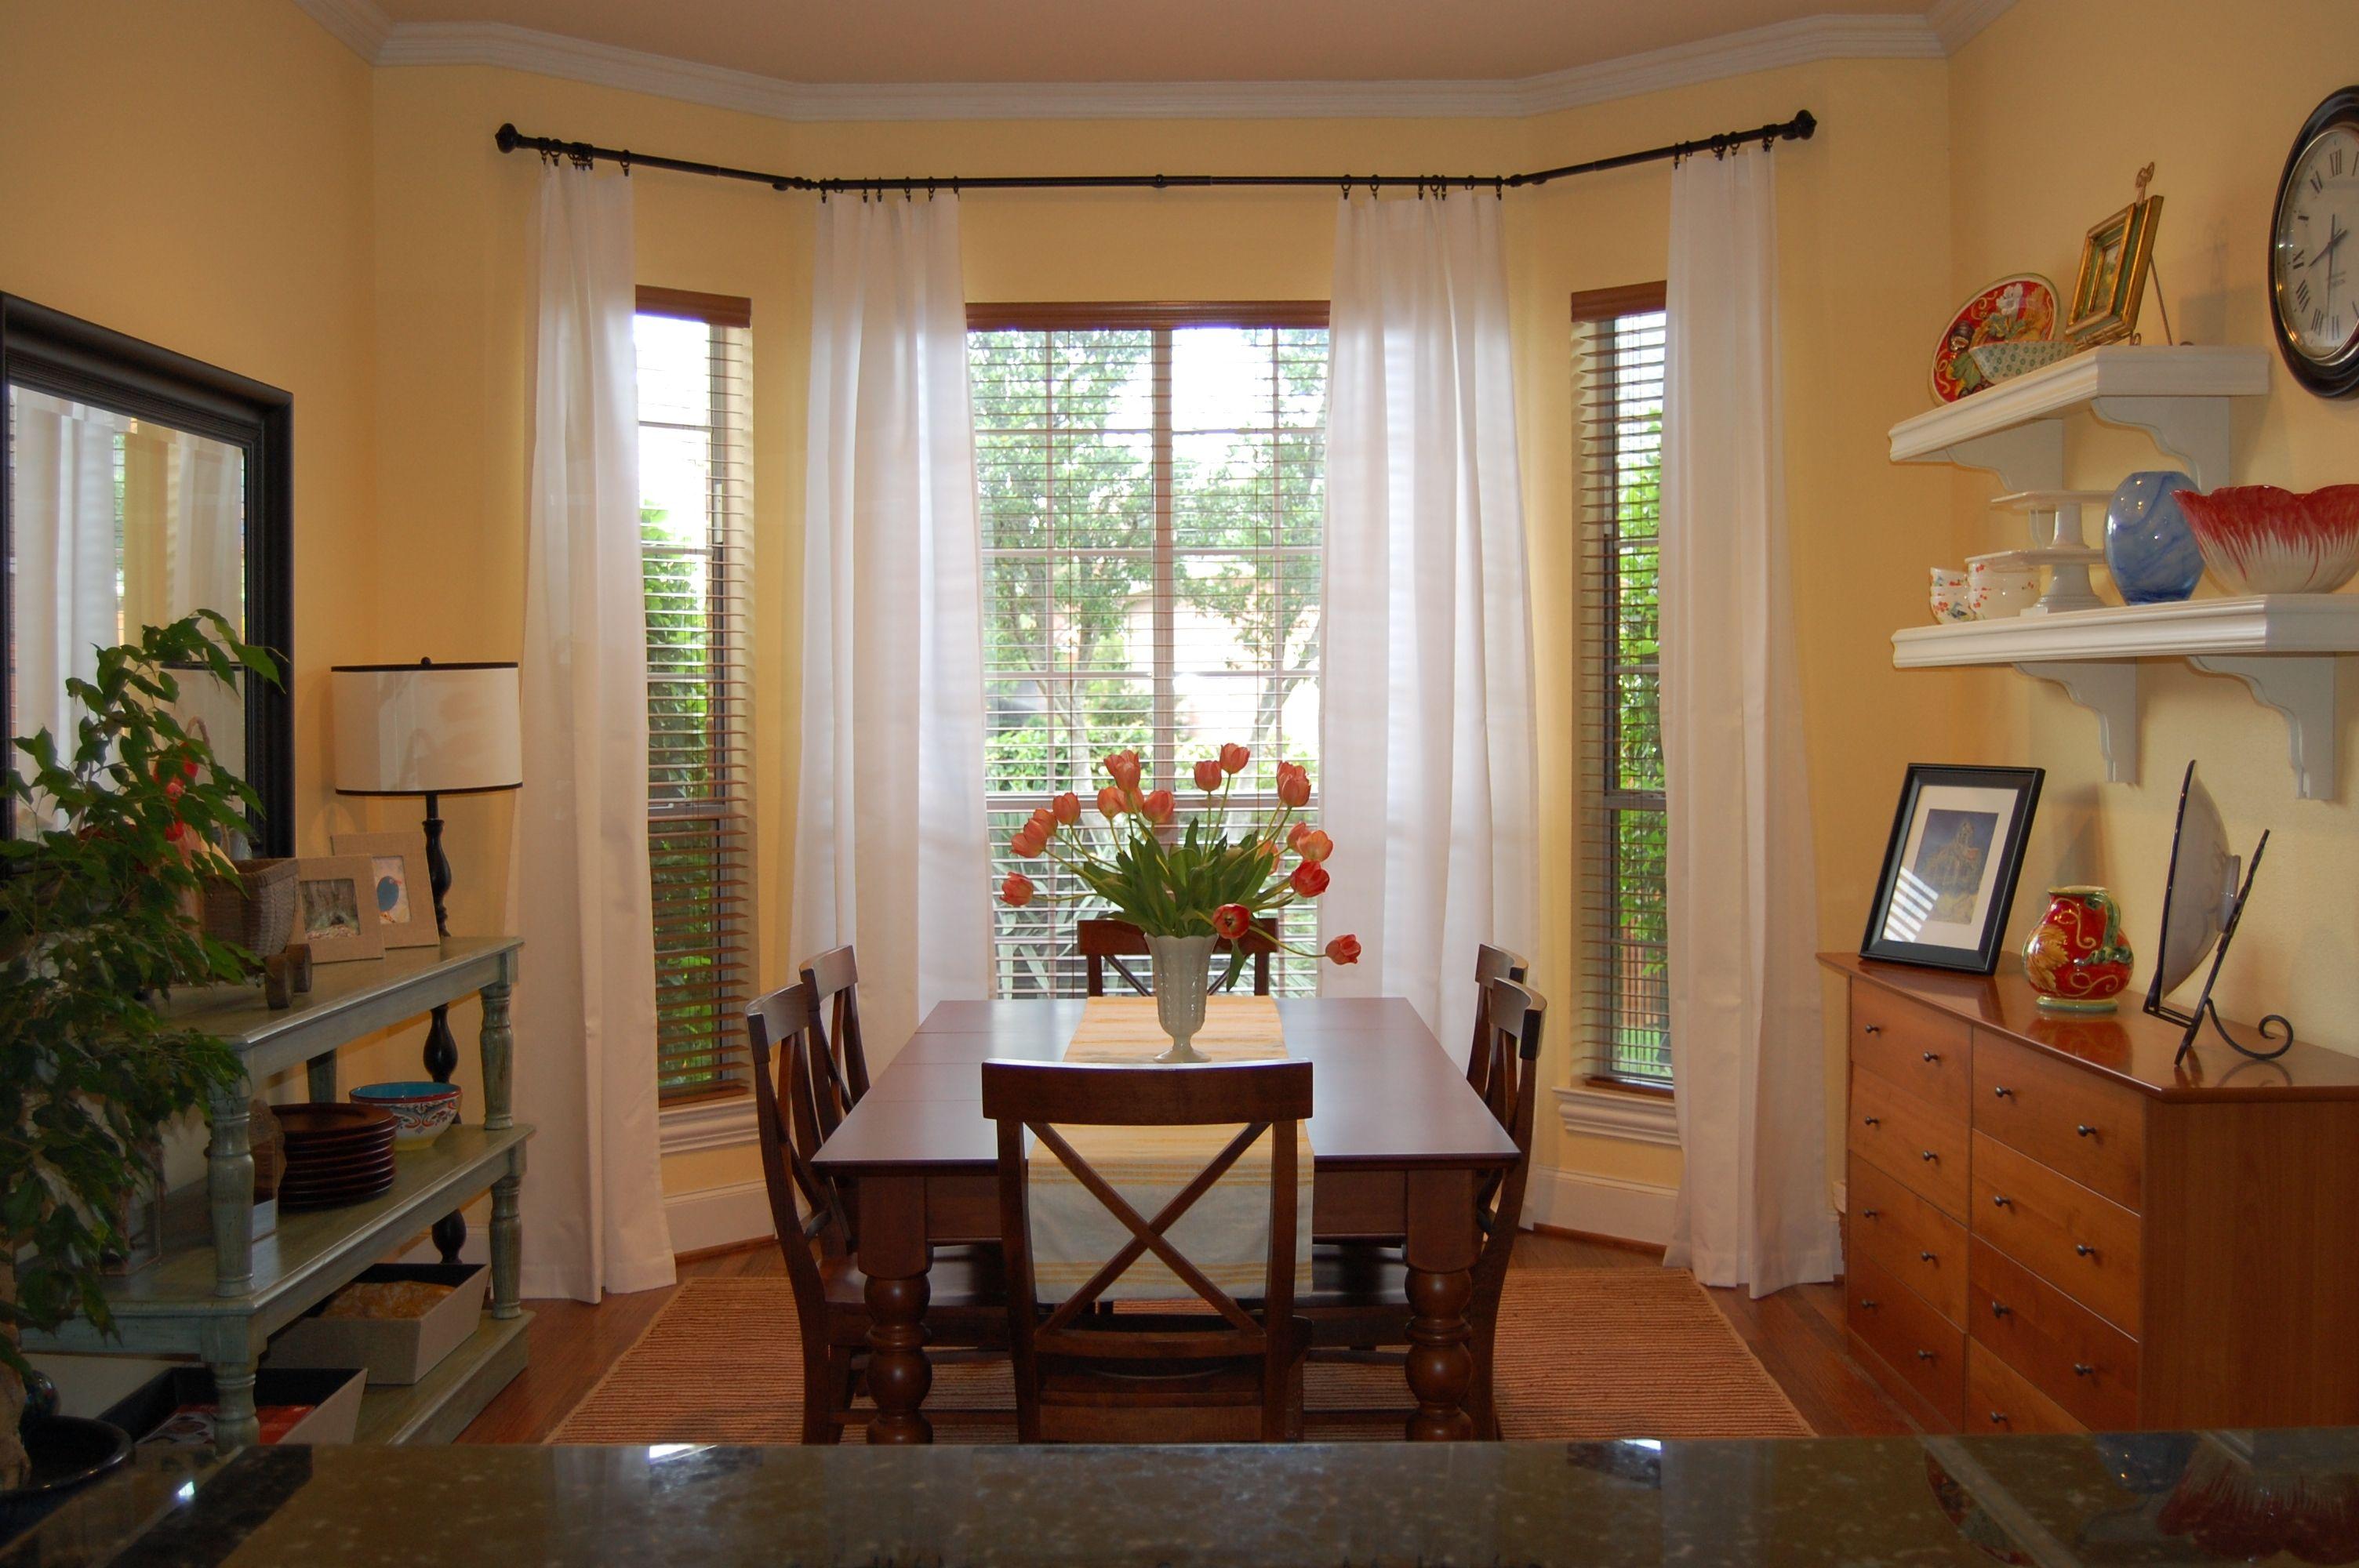 bay window design creativity interior pinterest front